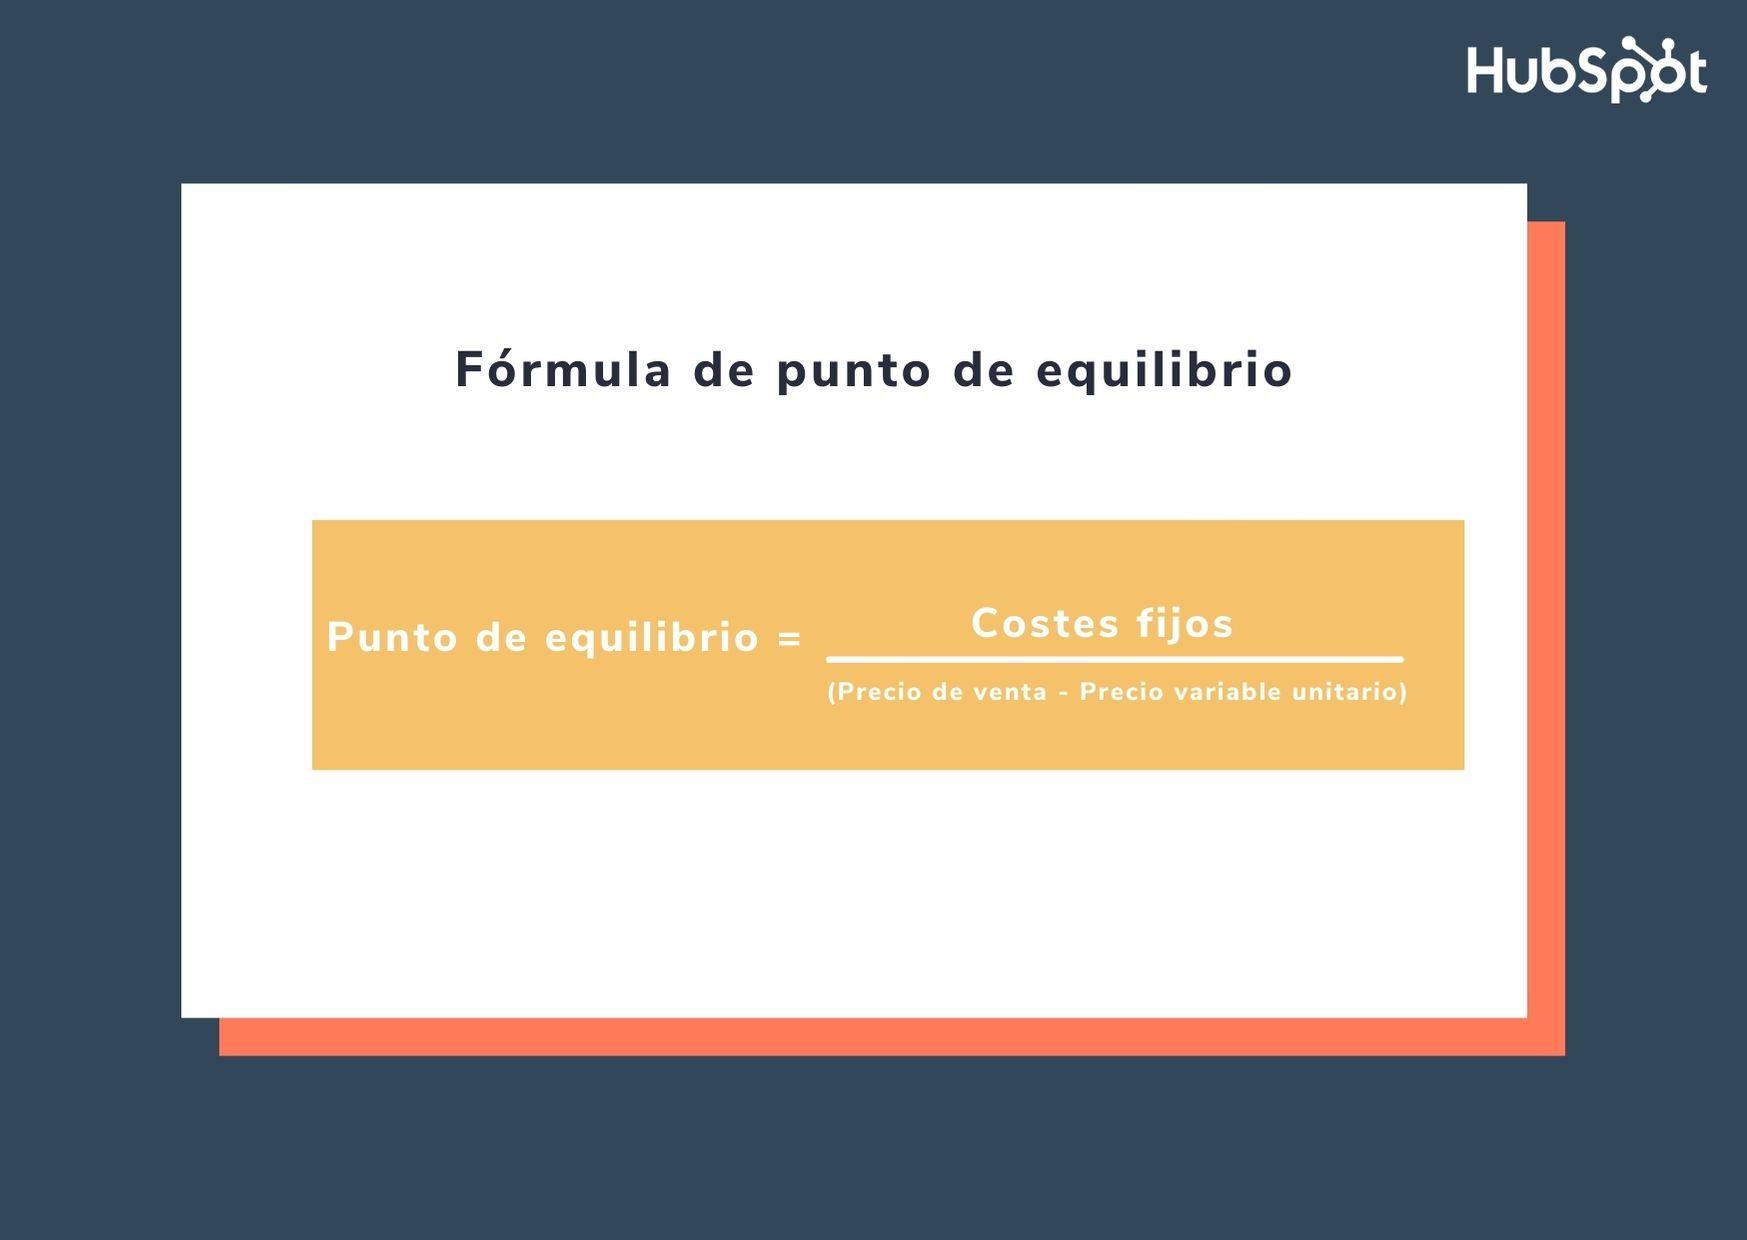 Fórmula para obtener el punto de equilibrio